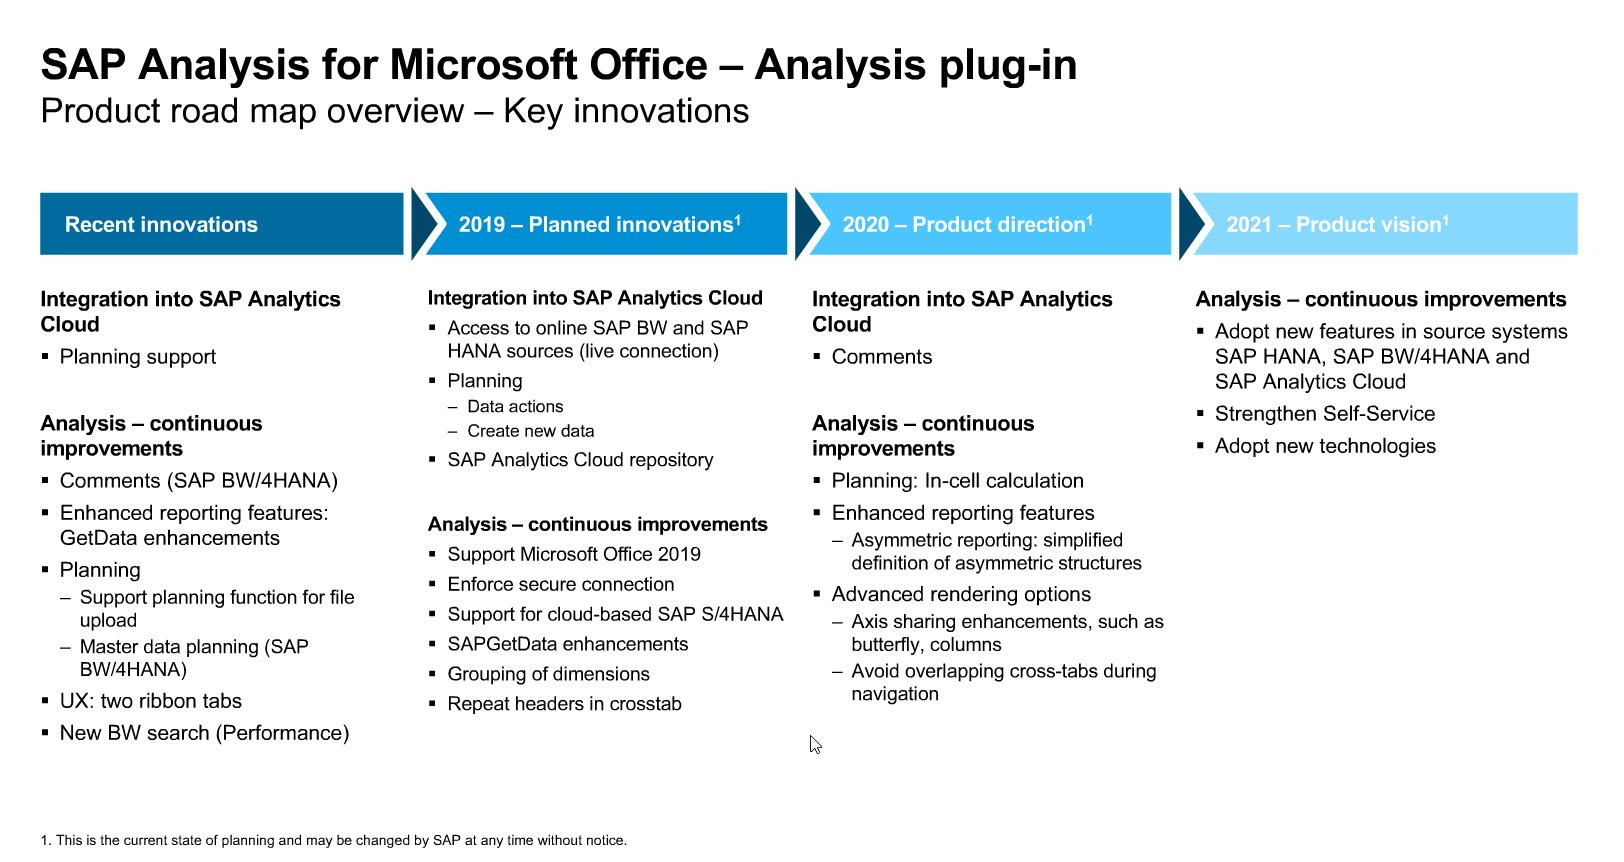 SAP Analysis for Microsoft Office Road Map Webinar Recap